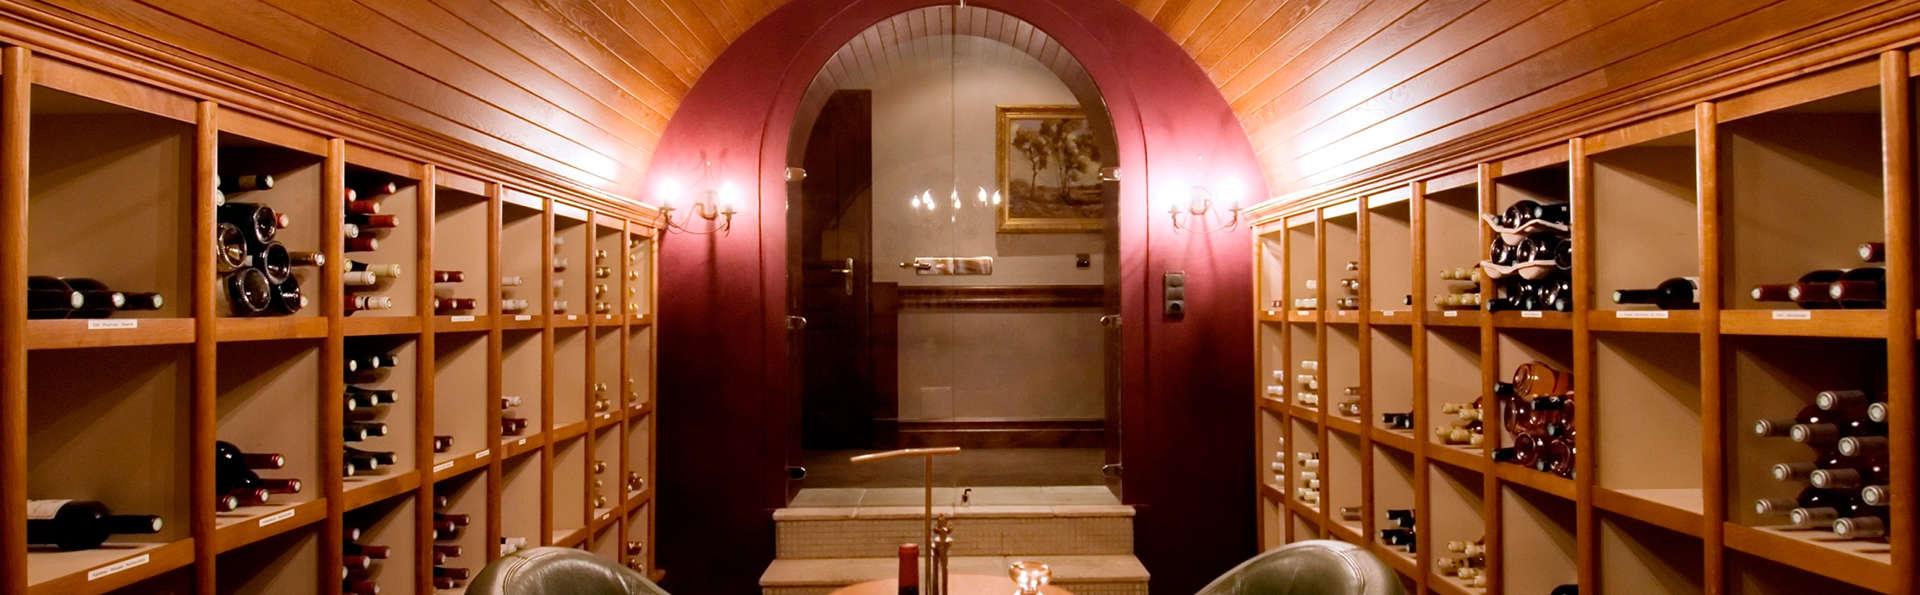 Château de la Tour - Cannes - EDIT_wine.jpg